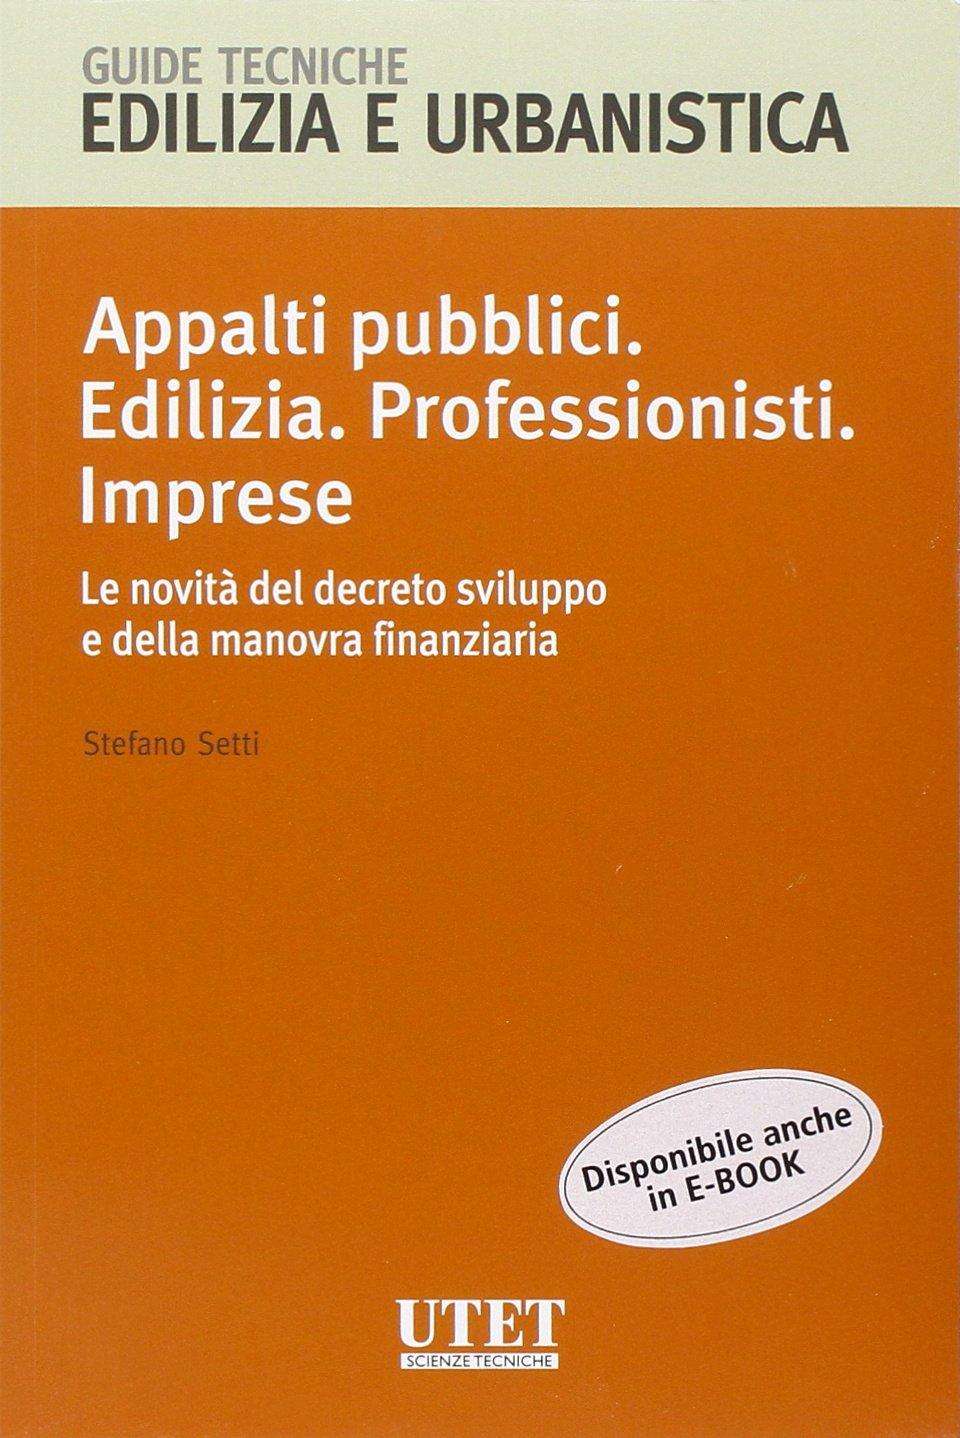 Appalti pubblici. Edilizia. Professionisti. Imprese. Le novità del decreto sviluppo e della manovra finanziaria